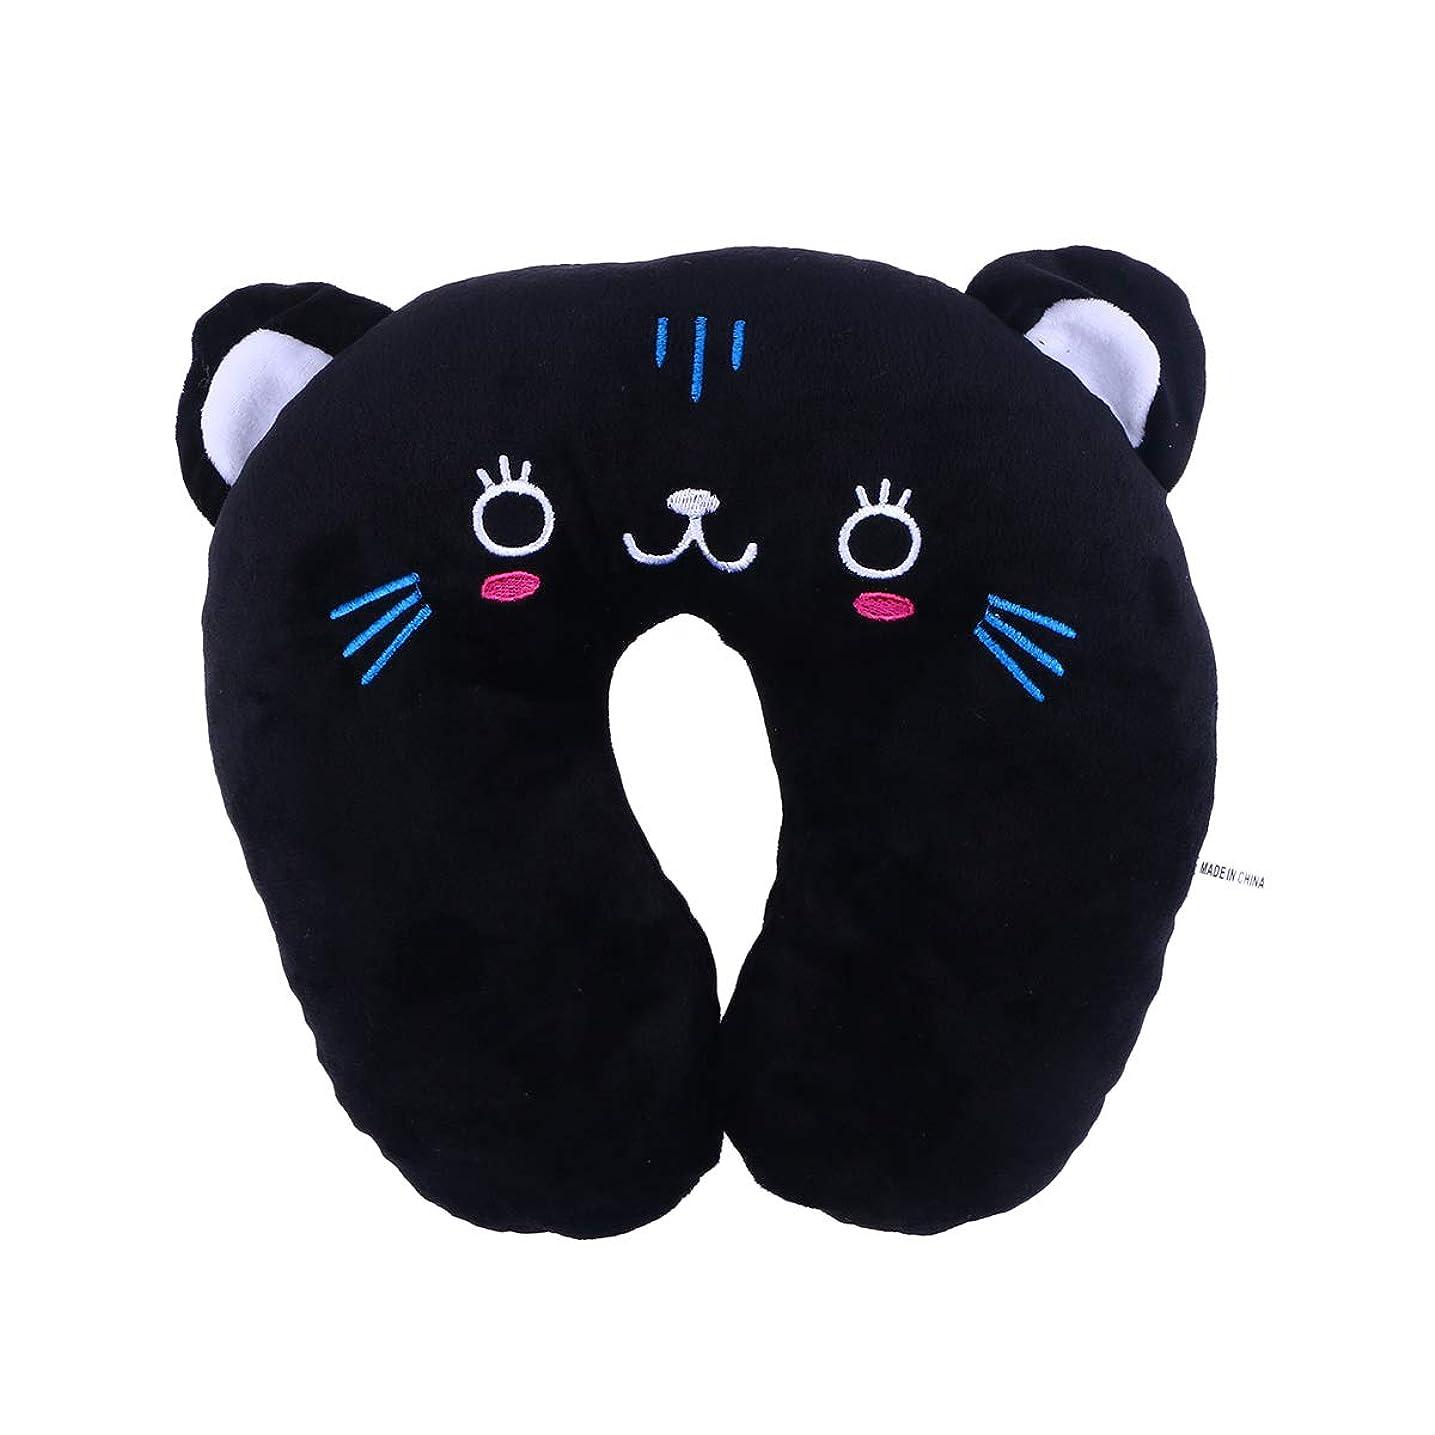 真実に曖昧な背が高いHEALIFTY 首牽引枕漫画ぬいぐるみU字型枕首サポートクッション旅行枕飛行機のための車(黒猫)